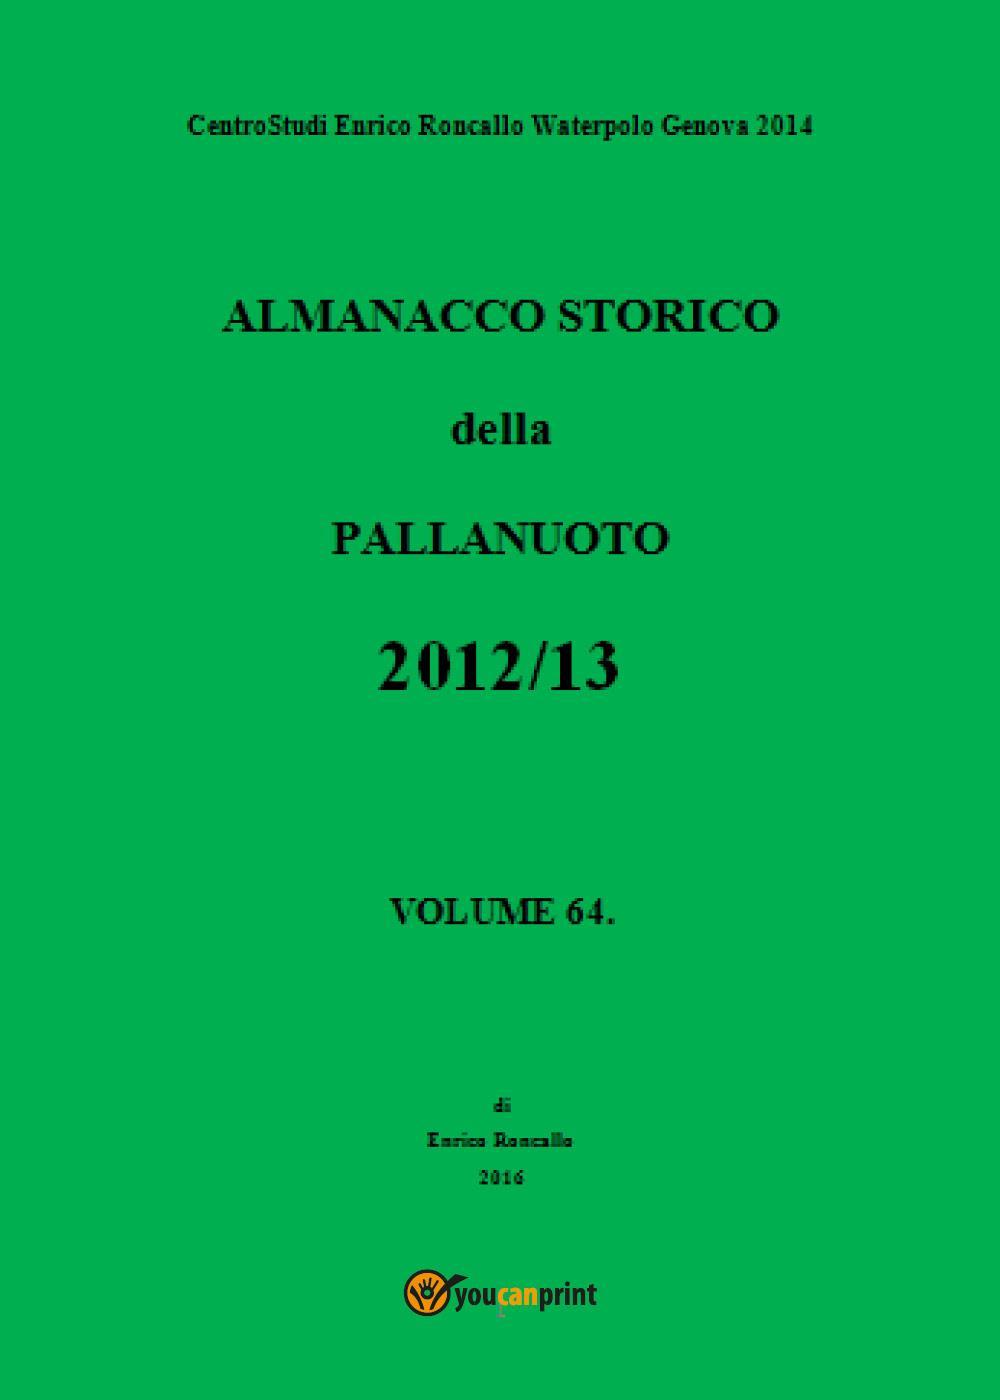 Almanacco Storico della Pallanuoto 2012/13 Volume 64